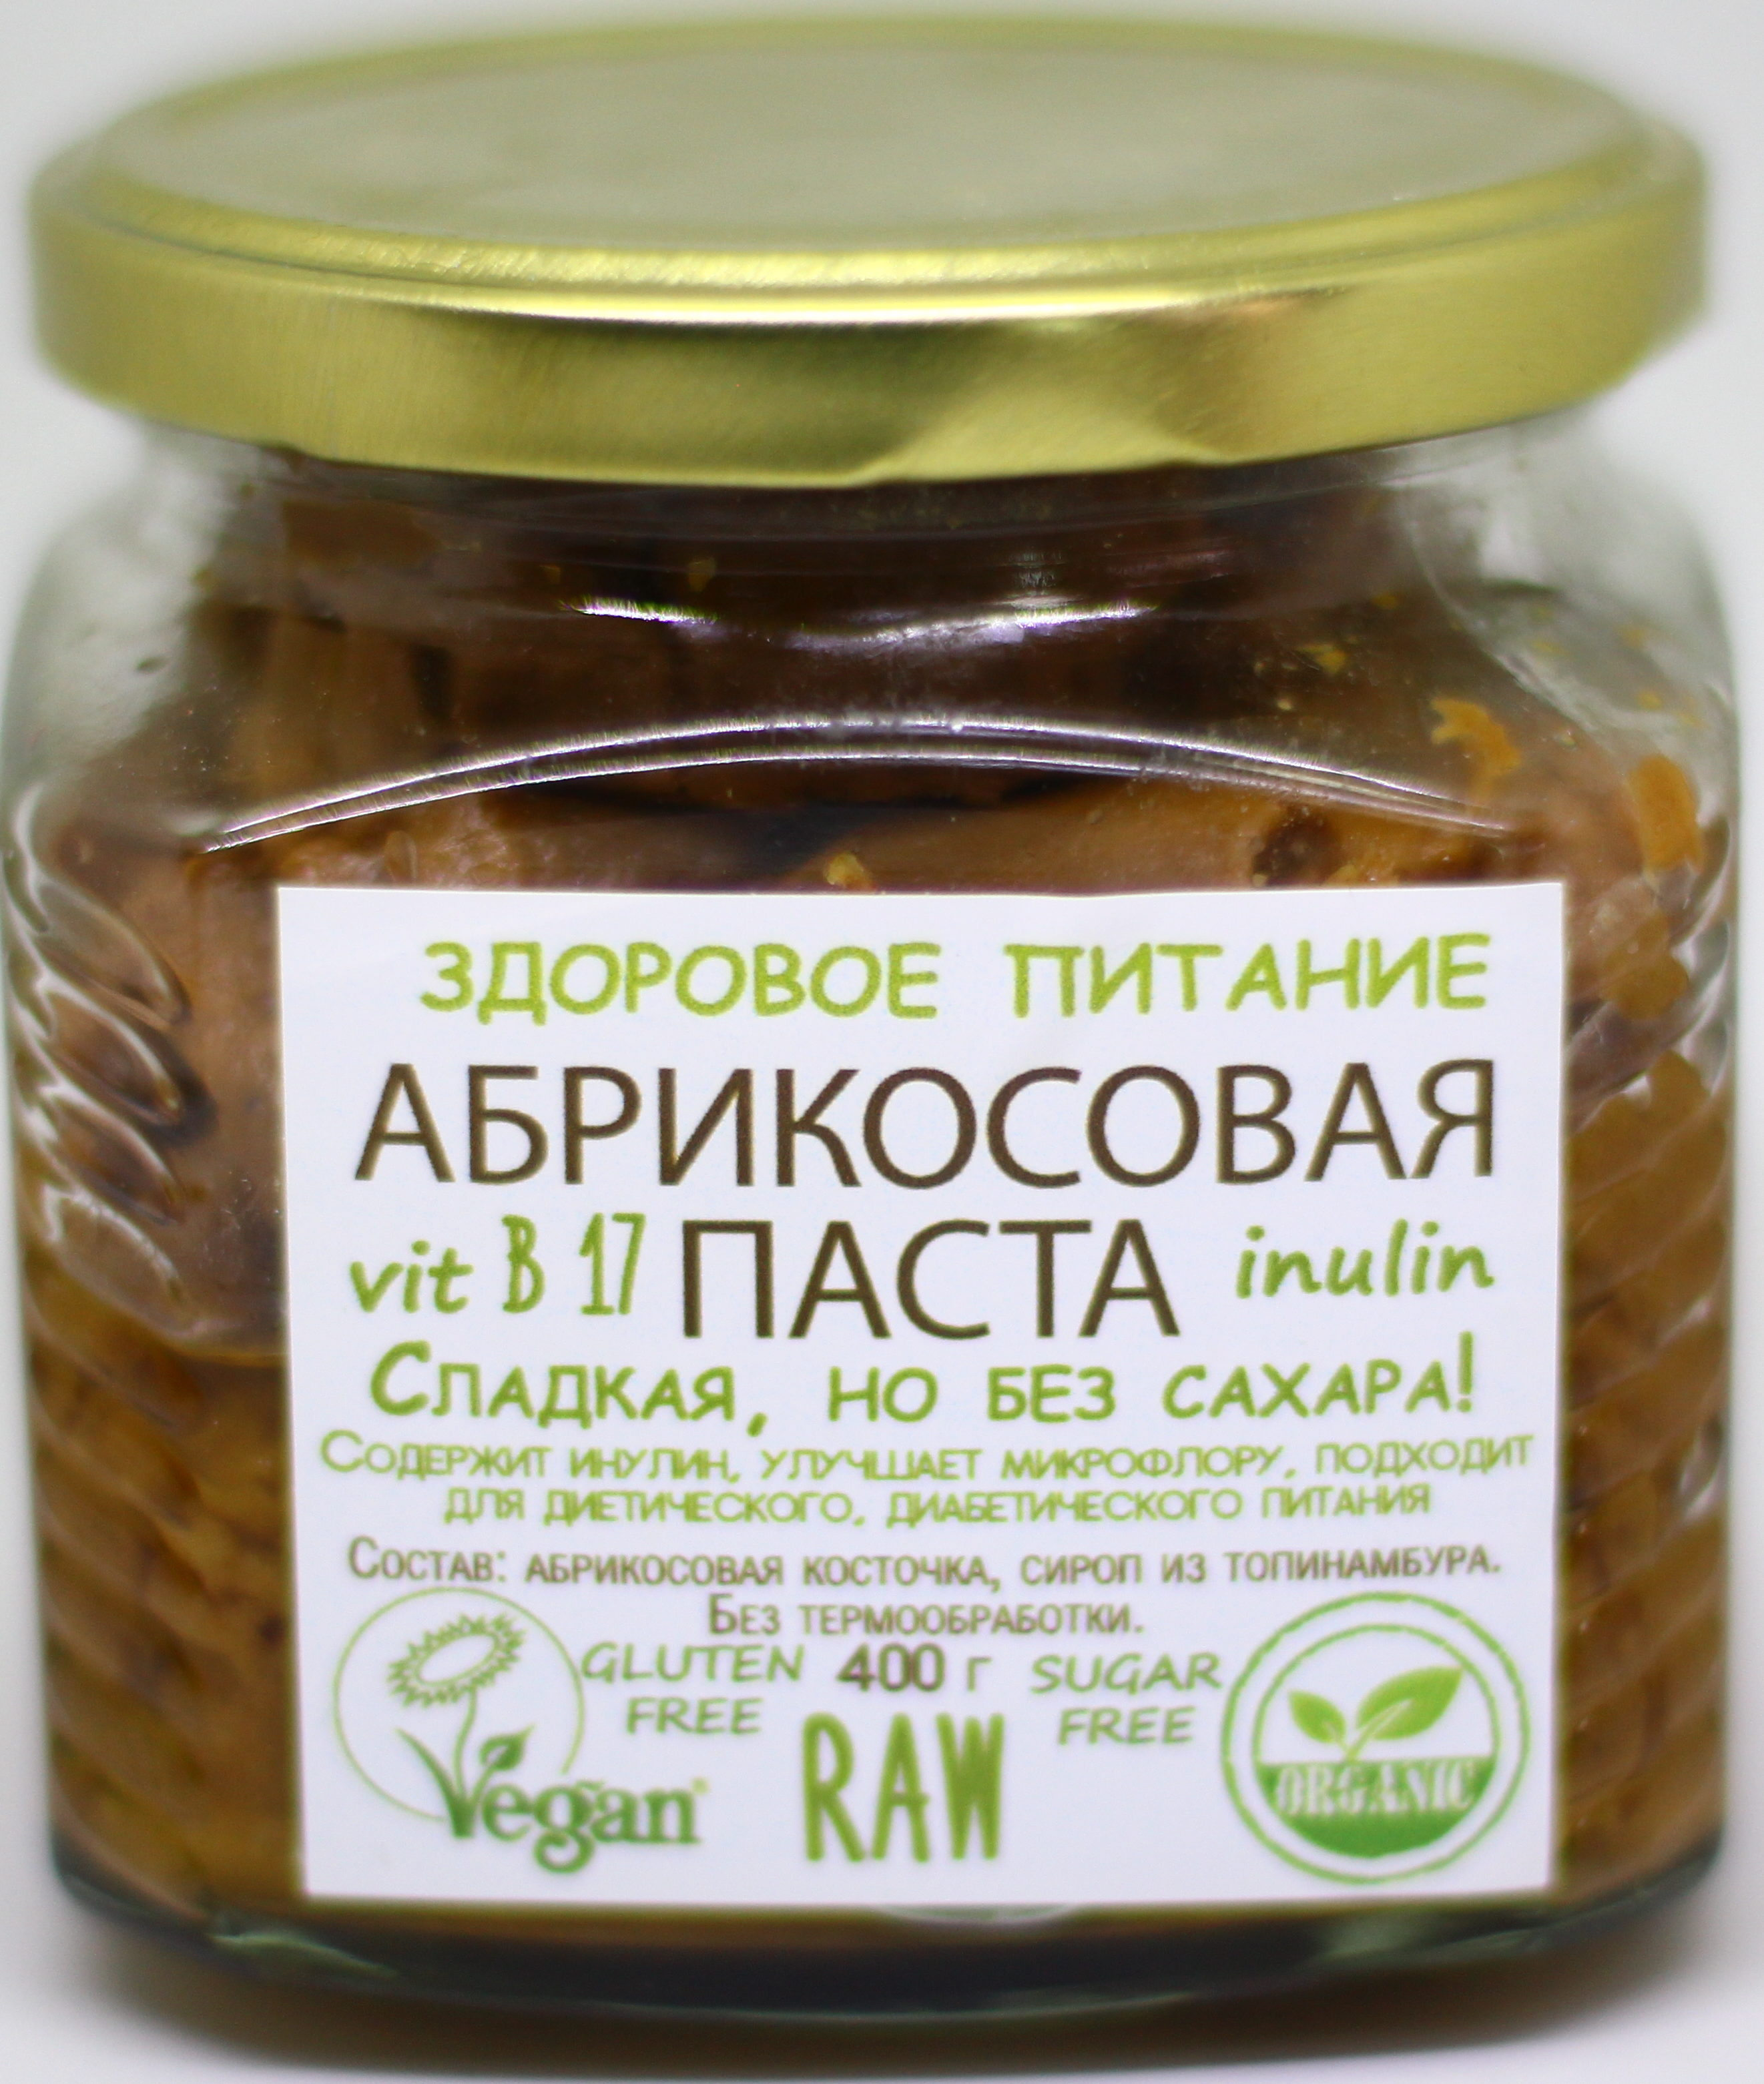 Абрикосовая паста с сиропом топинамбура Вега мирная еда/400гр.